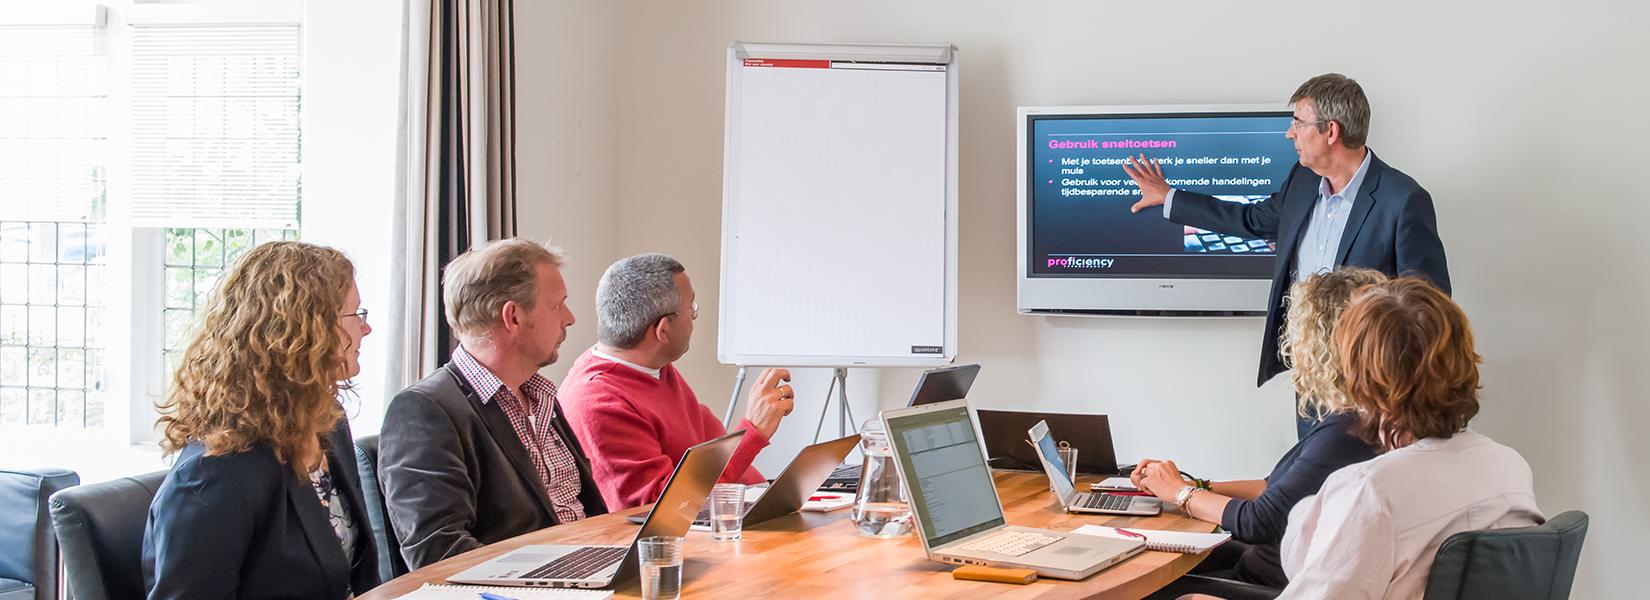 Workshop e-mailmanagement door Jeroen Engelaer